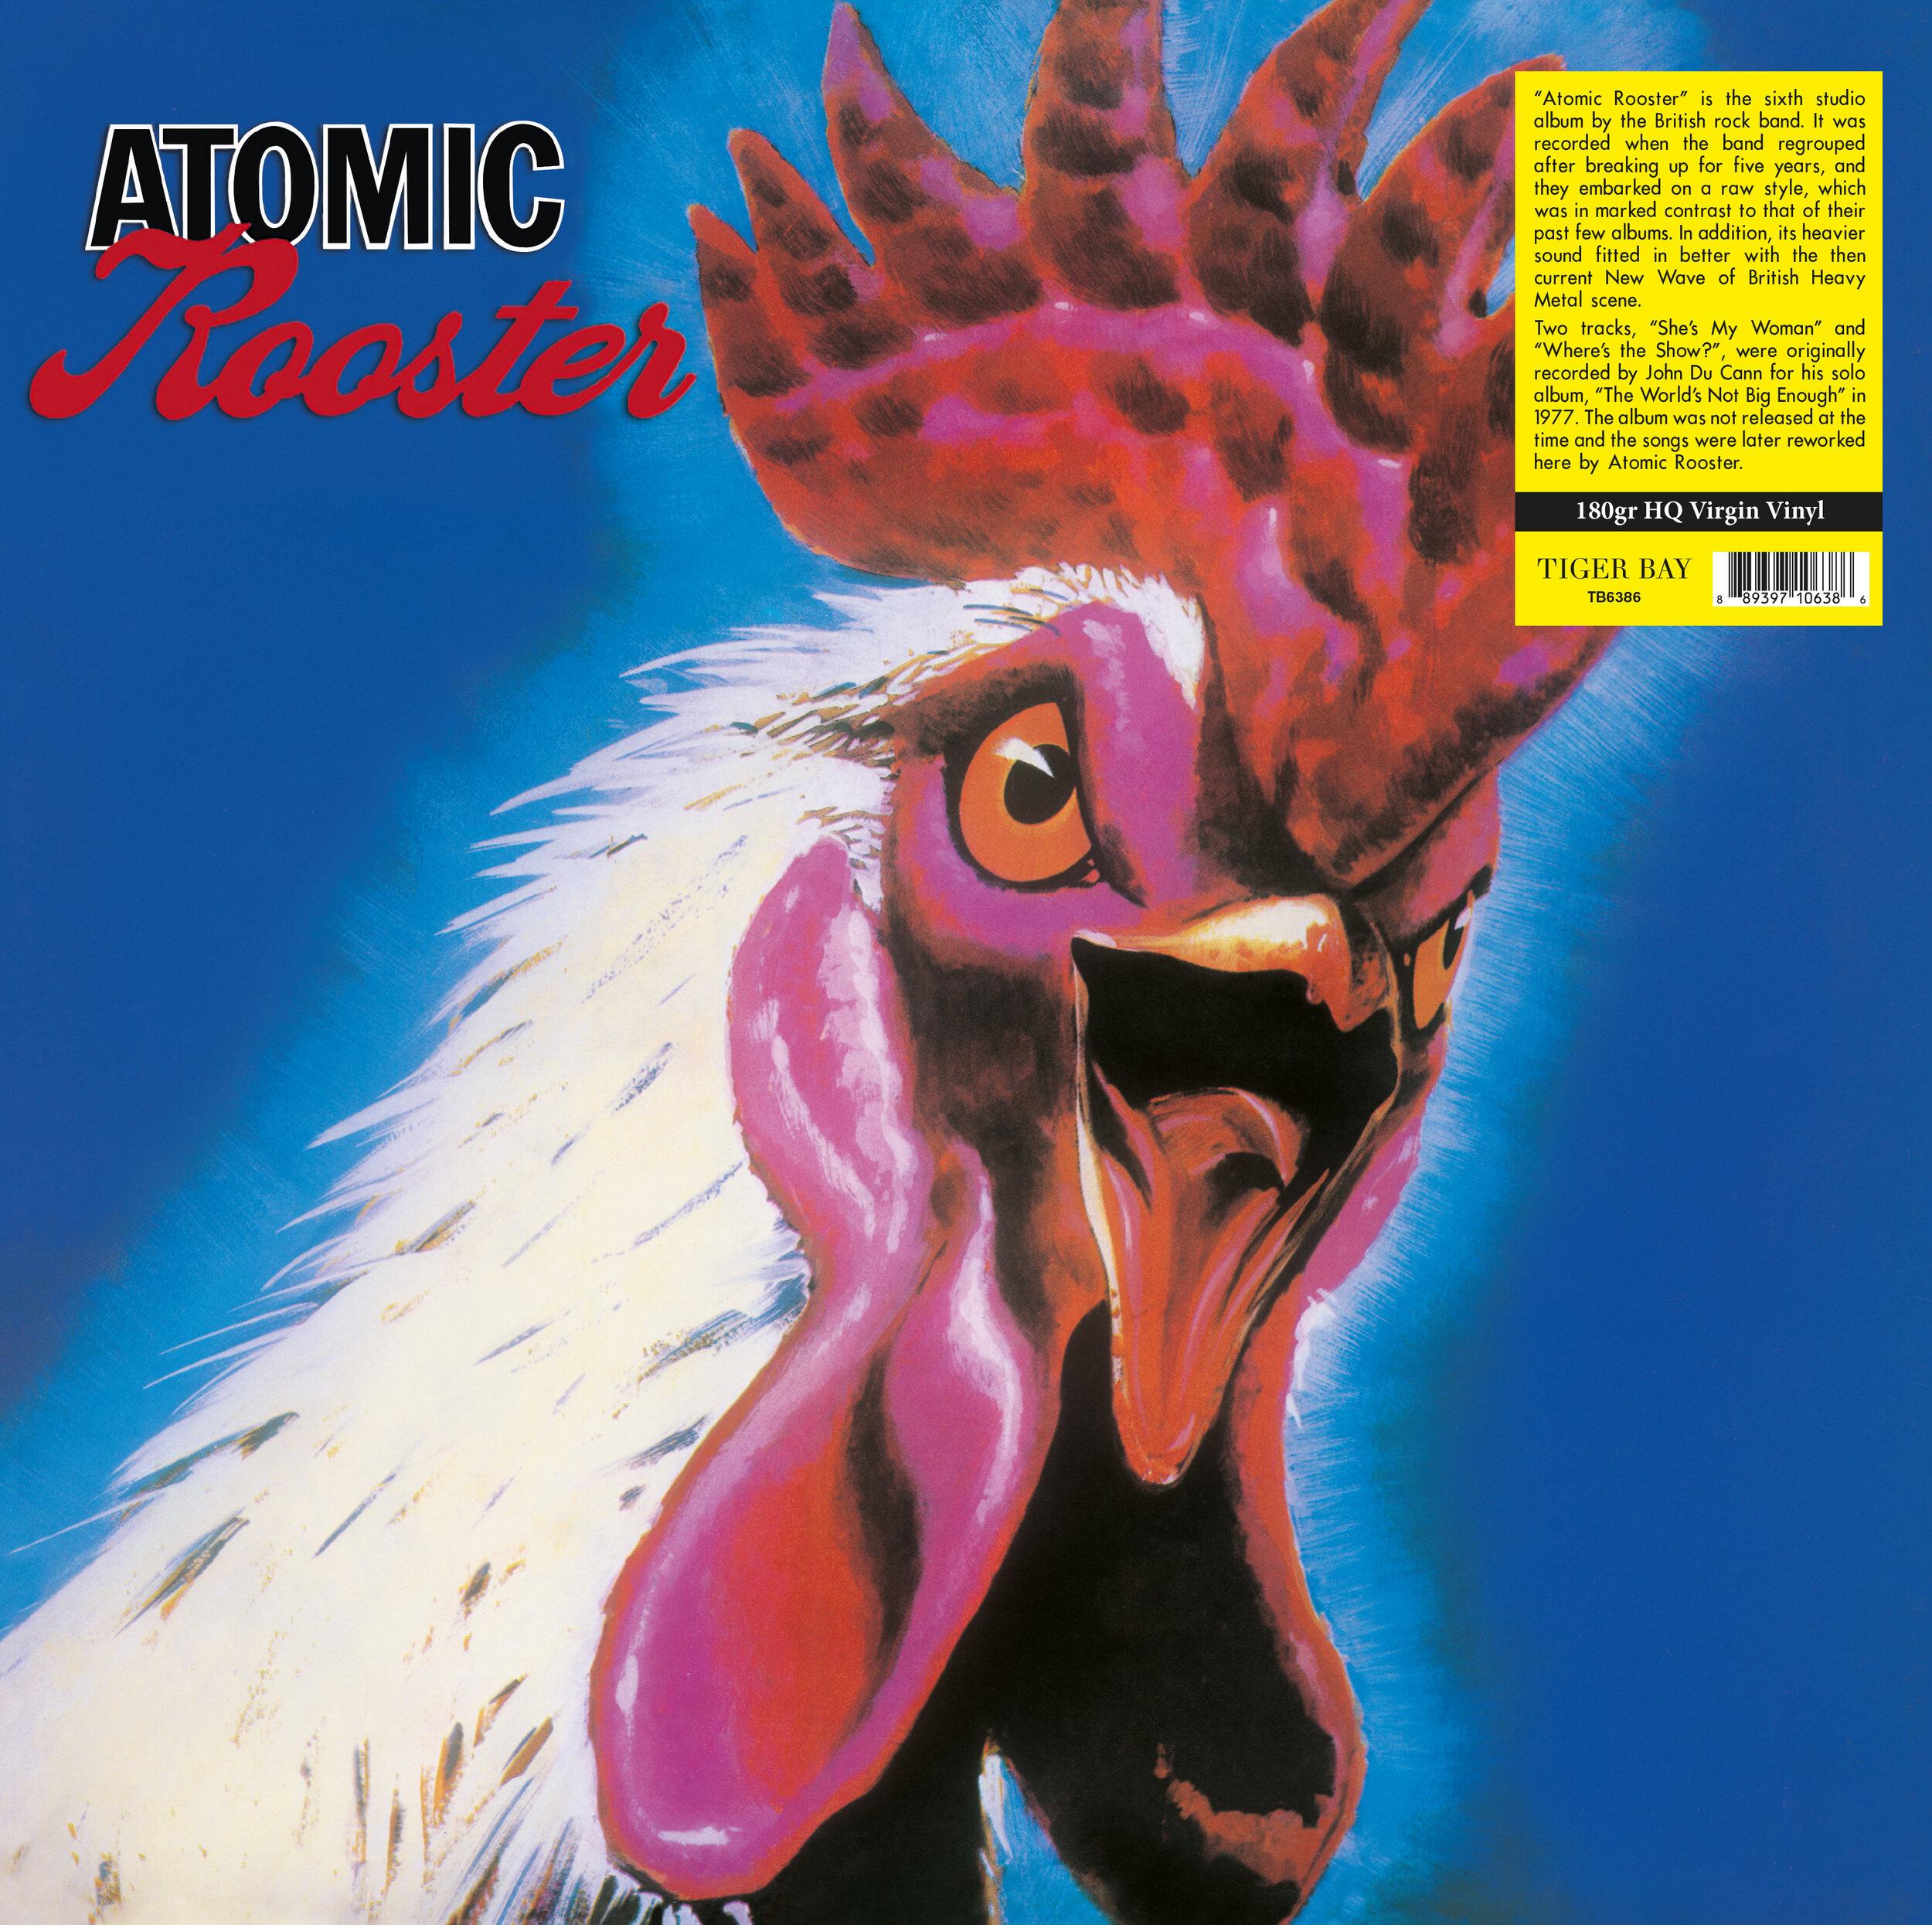 Atomic Rooster - Atomic Rooster - Musik - TIGER BAY - 0889397106386 - 18. juli 2019